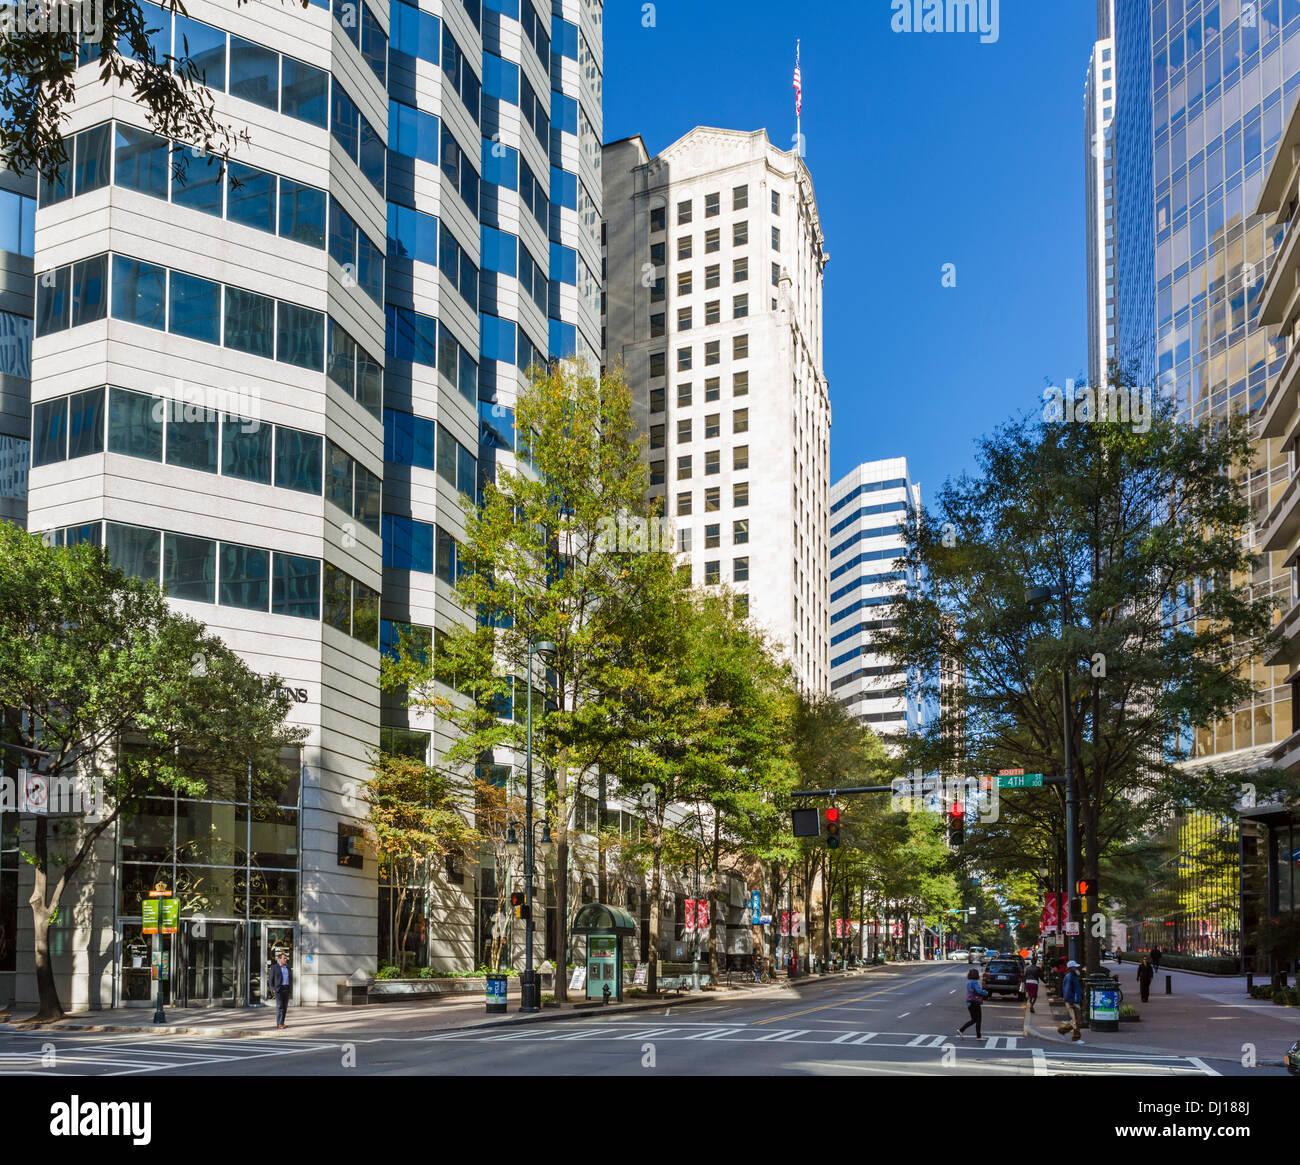 Les immeubles de bureaux de North Tryon Street dans le centre-ville de Charlotte, Caroline du Nord, États-Unis Photo Stock